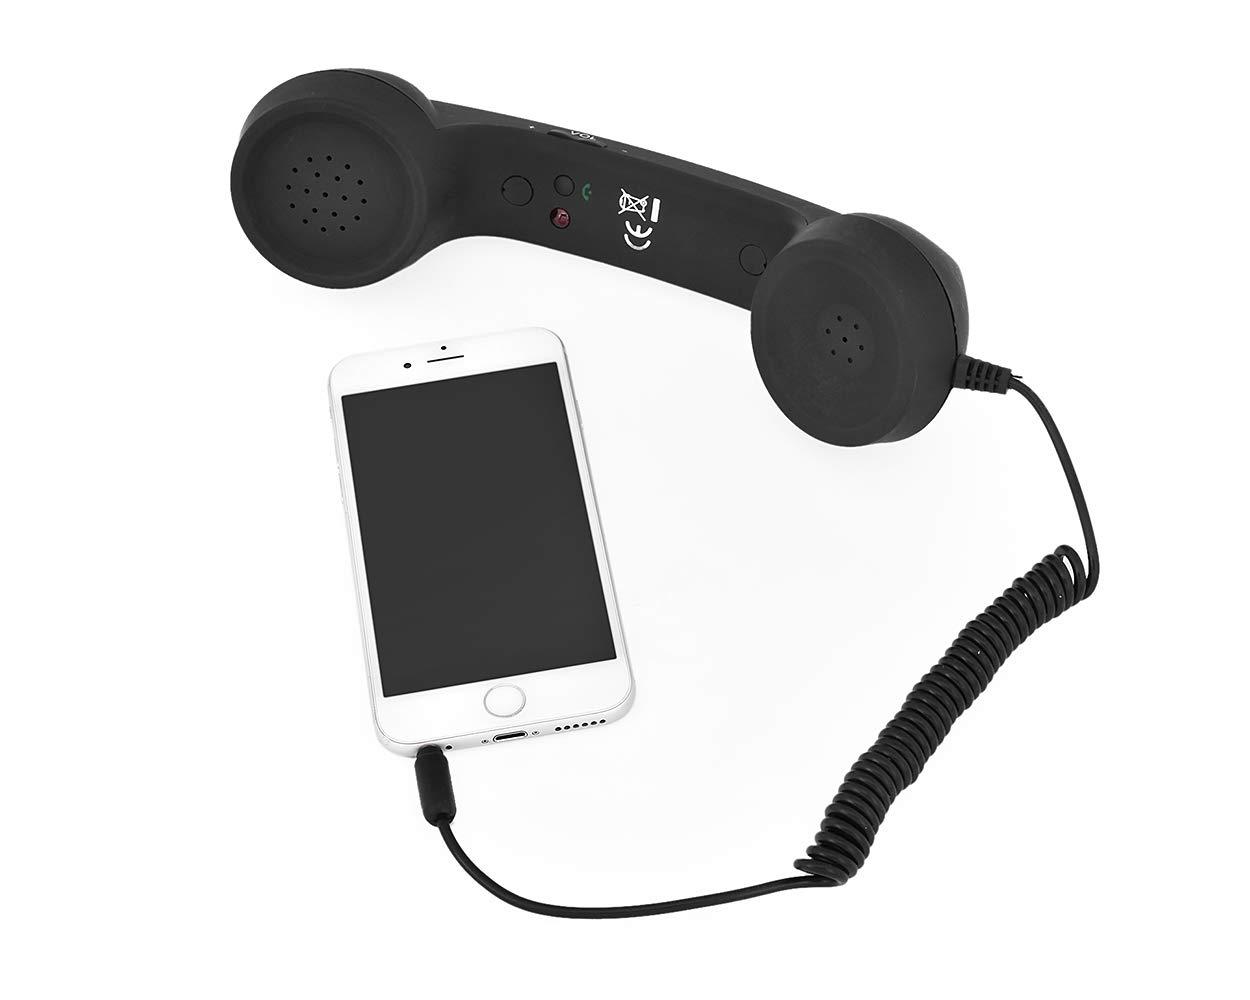 Ricevitore mobile del telefono mobile di DSstyles Retro dispositivo portatile del telecomando del volume 3.5mm per il telefono mobile di iPhone e Android nero